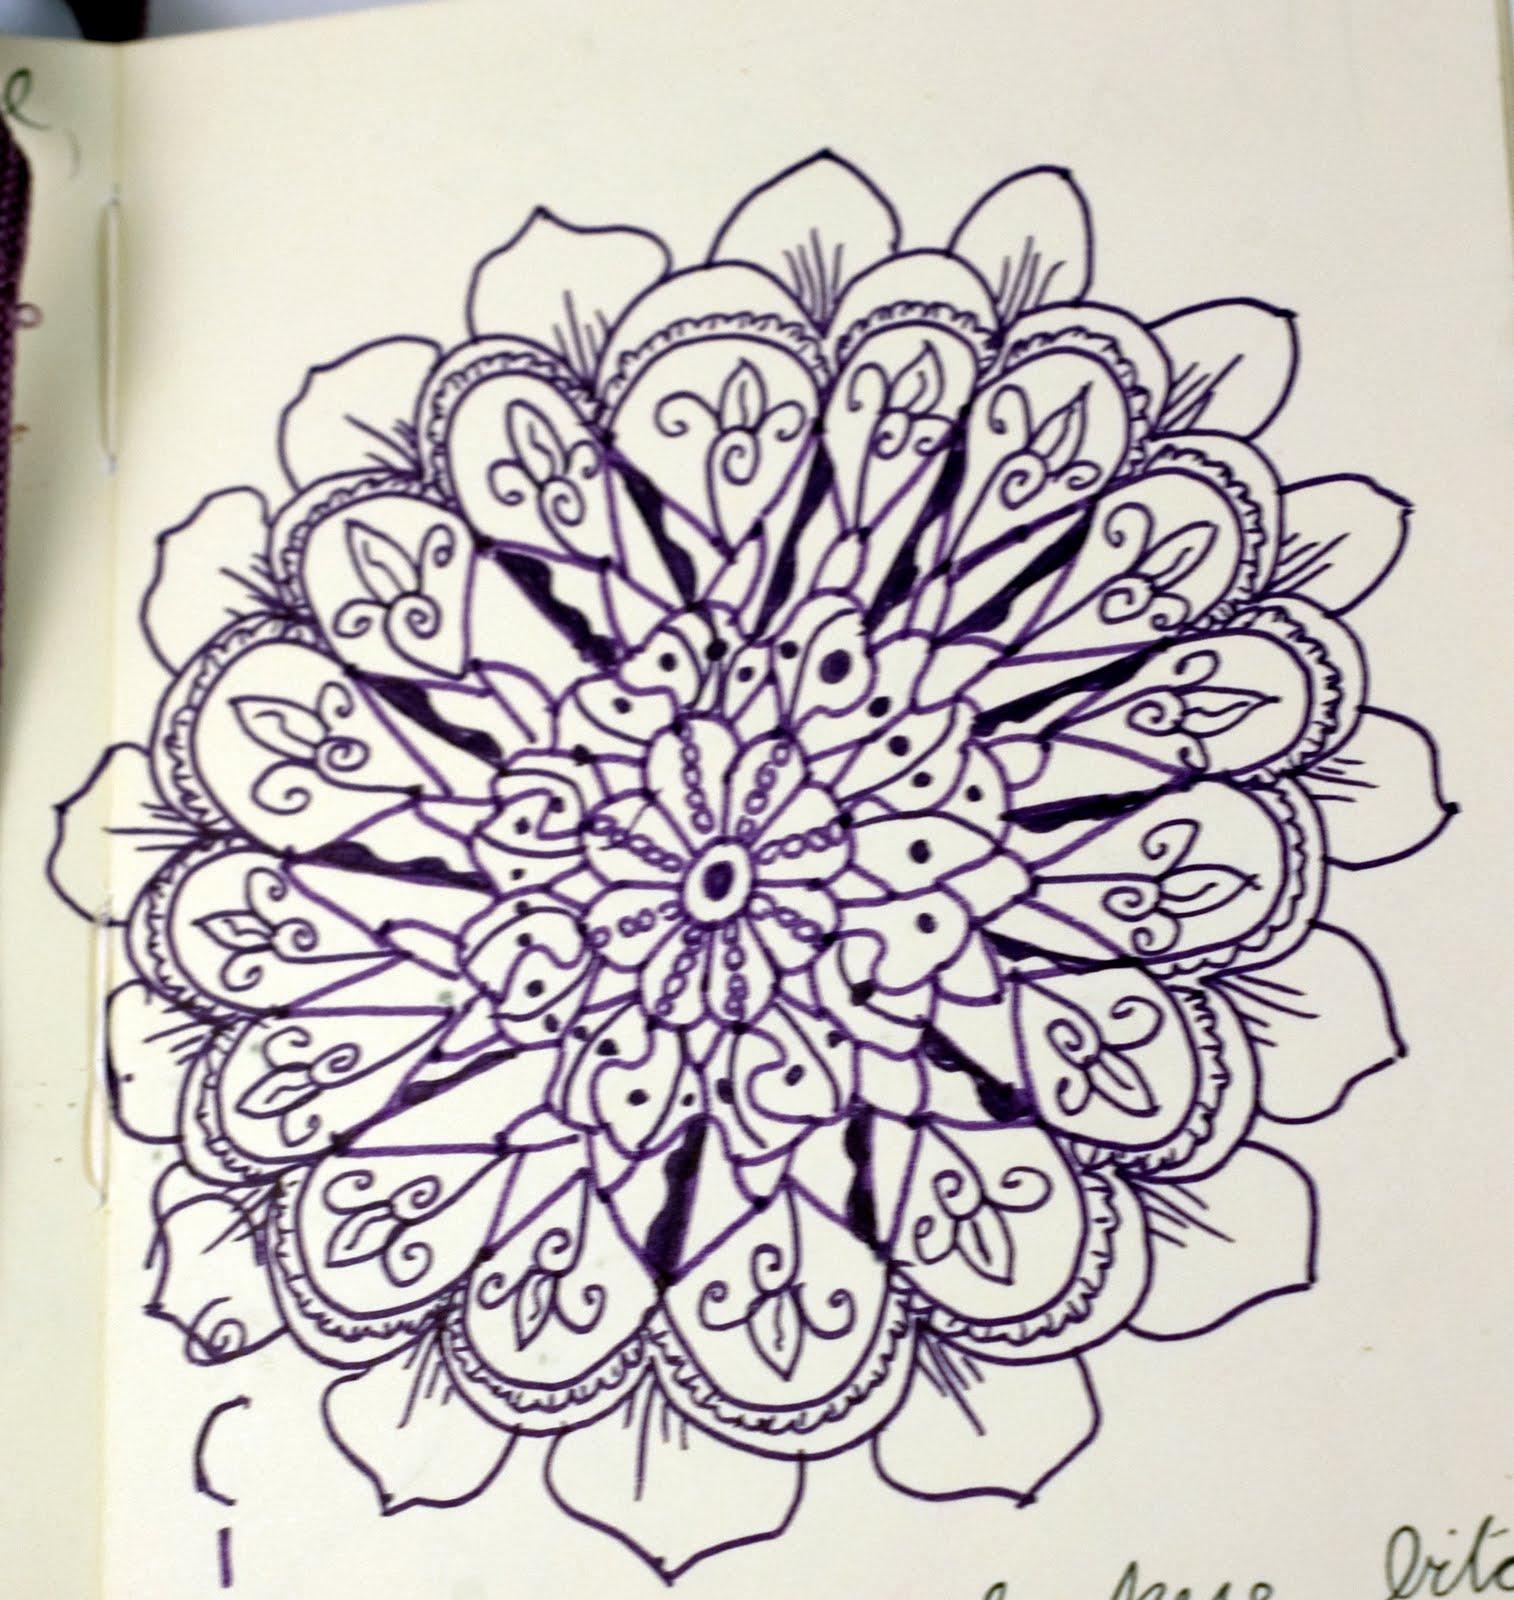 Fantastisch Mandala More Fotos - Malvorlagen-Ideen ...